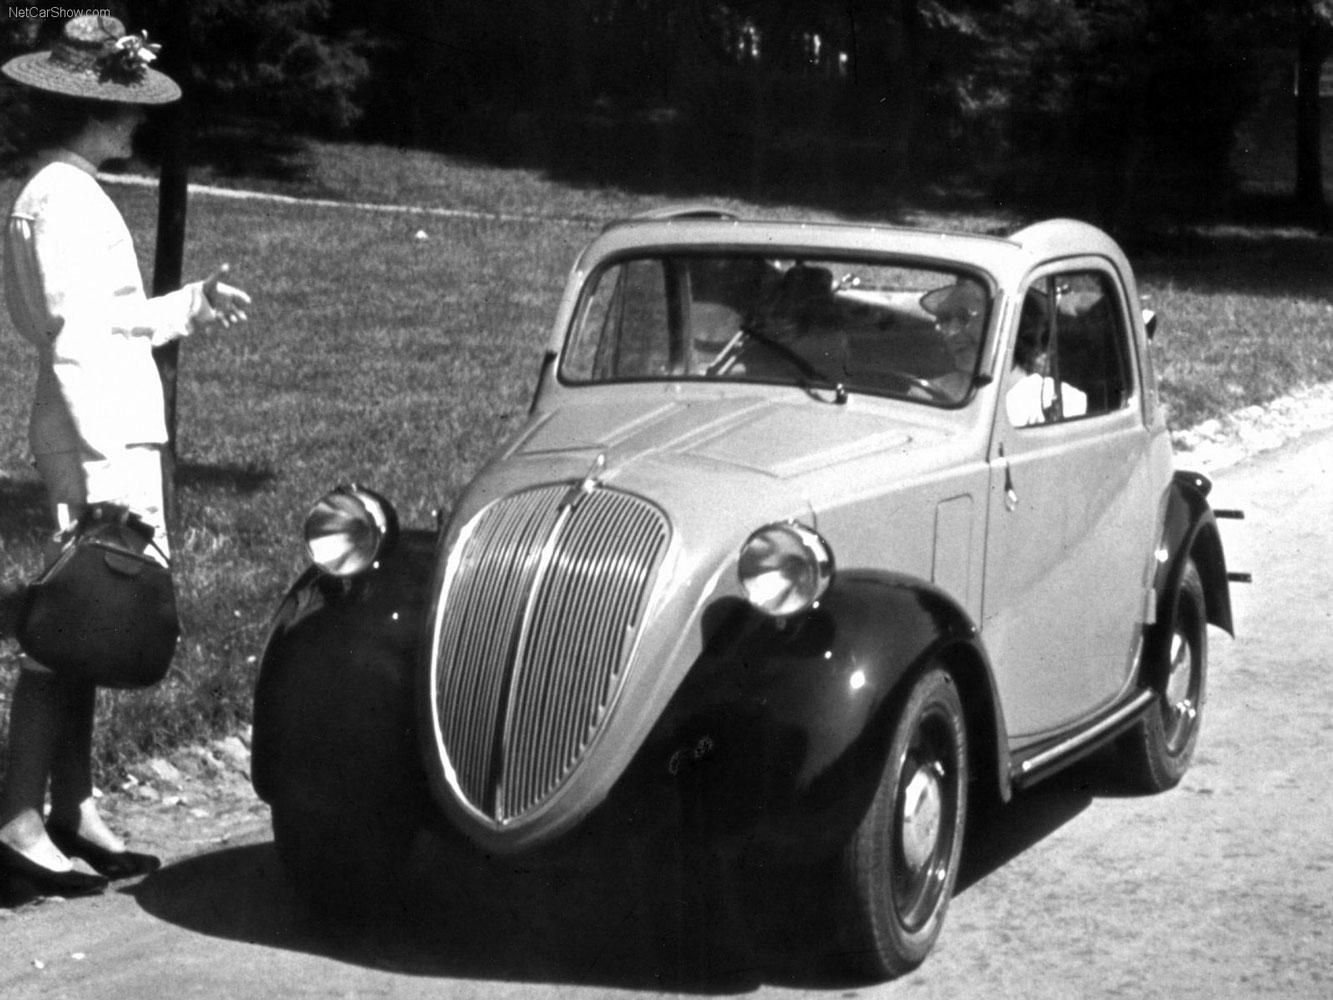 FIAT Topolino 500 B, 1948 (fonte: netcarshow.com)